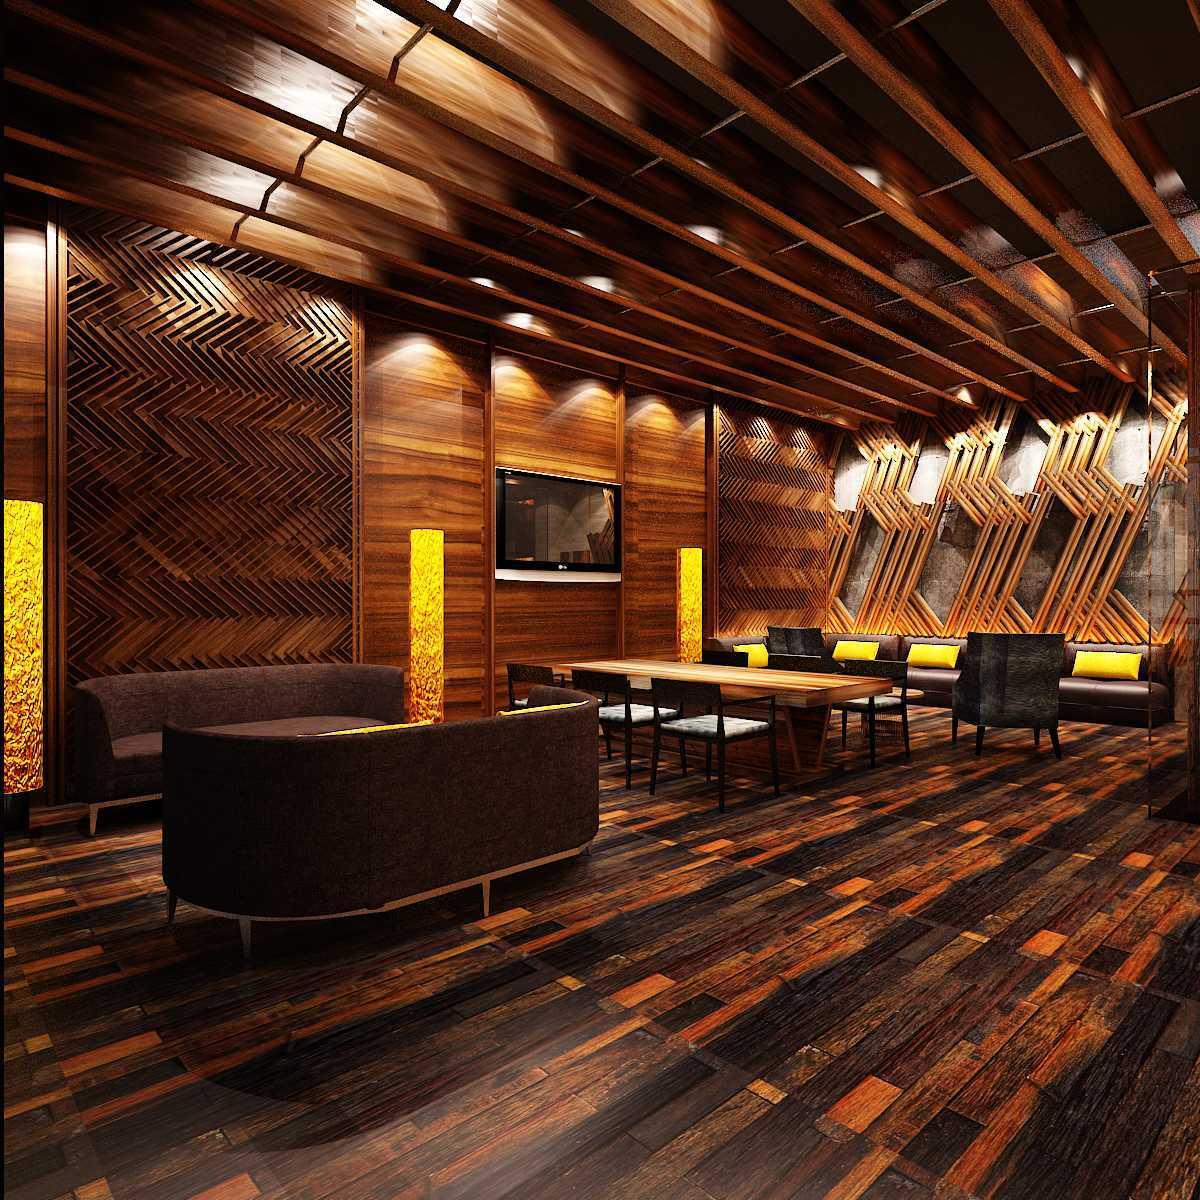 Pt Alradista Desain Indonesia Camar Lounge Pantai Indah Kapuk Pantai Indah Kapuk Lounge  24230